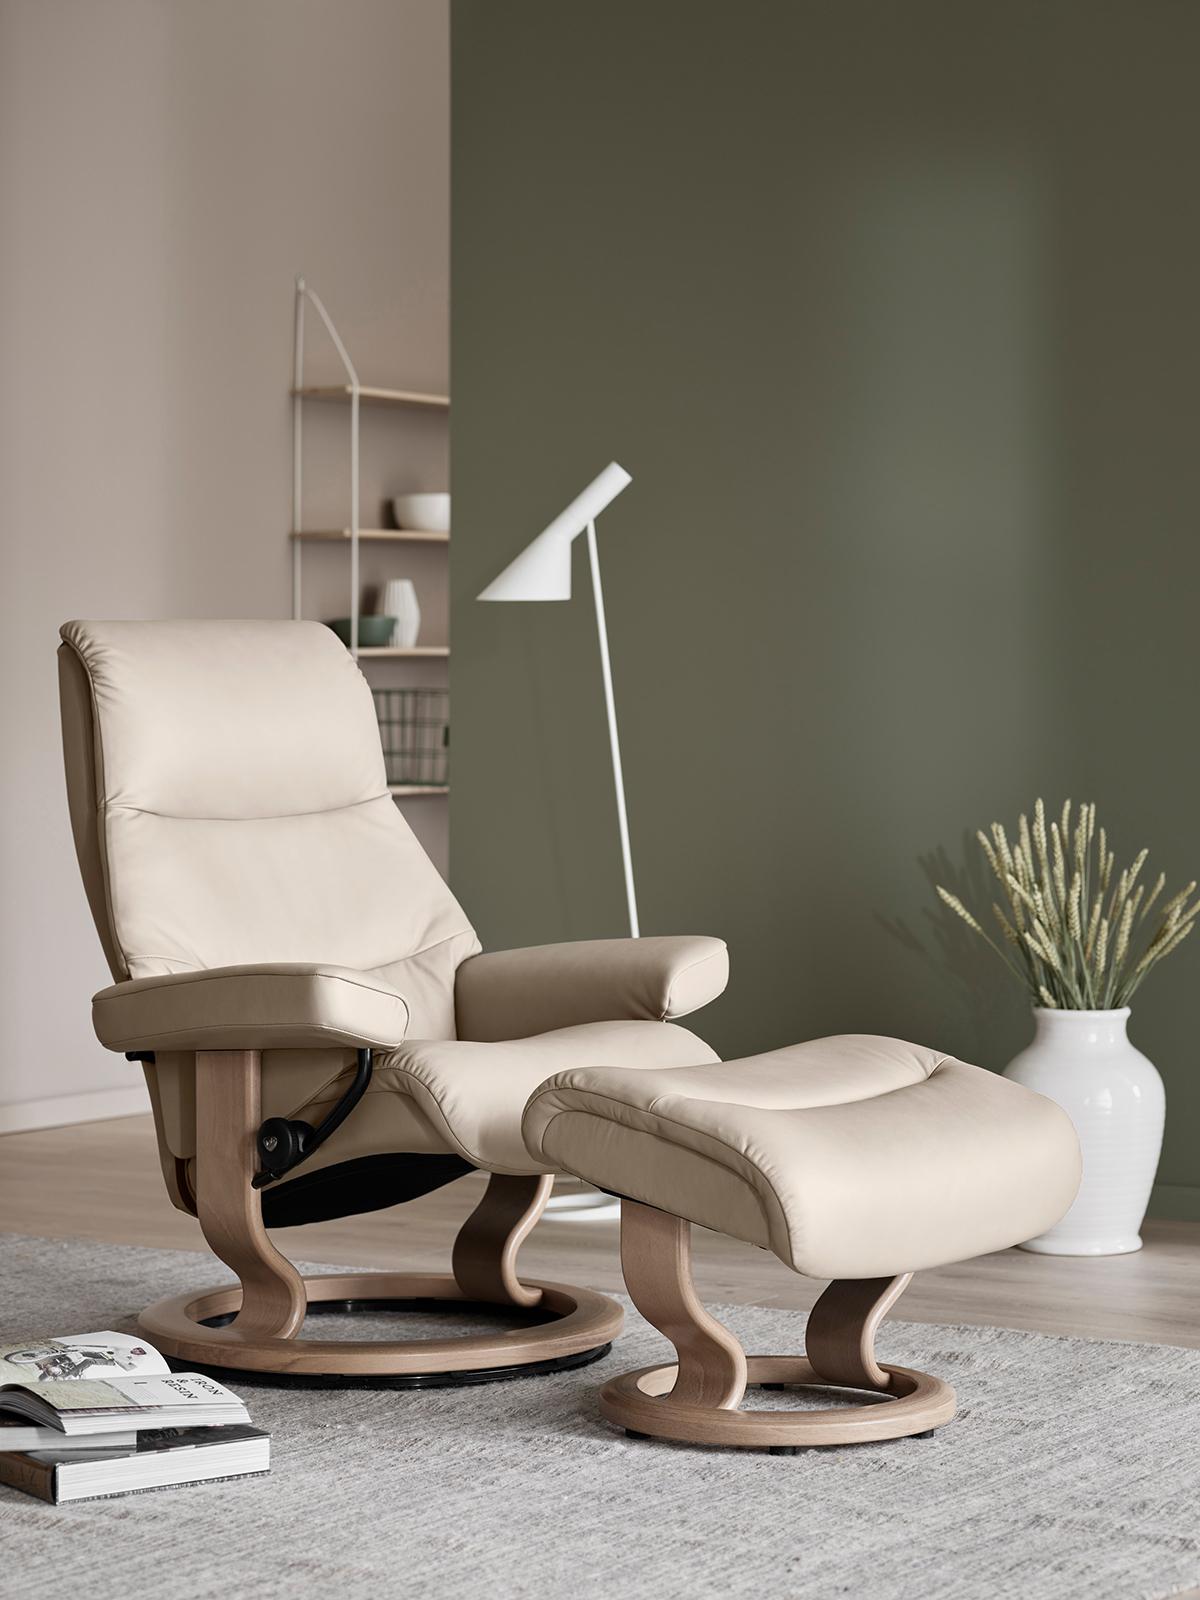 Mit dem Stressless View mit Classic Untergestell könnt ihr den richtigen Sessel finden für eine Einrichtung im klassisch-zeitlosen Stil.